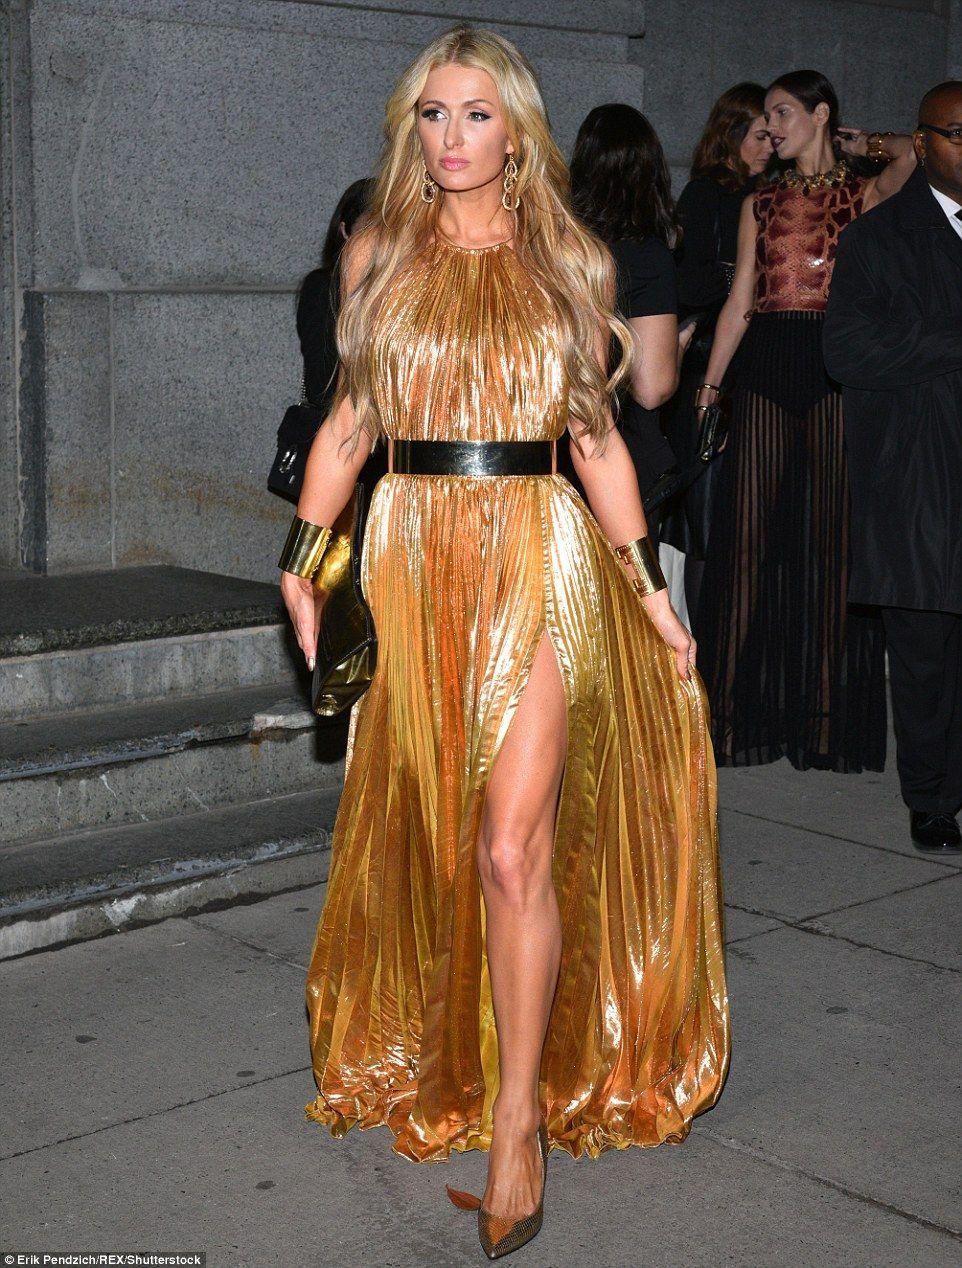 Nữ ca sĩ xuất hiện rạng rỡ tại một sự kiện. Những chuyện về quá khứ, dù được phóng viên đề cập nhiều nhưng hầu như, Paris Hilton đều từ chối chia sẻ.